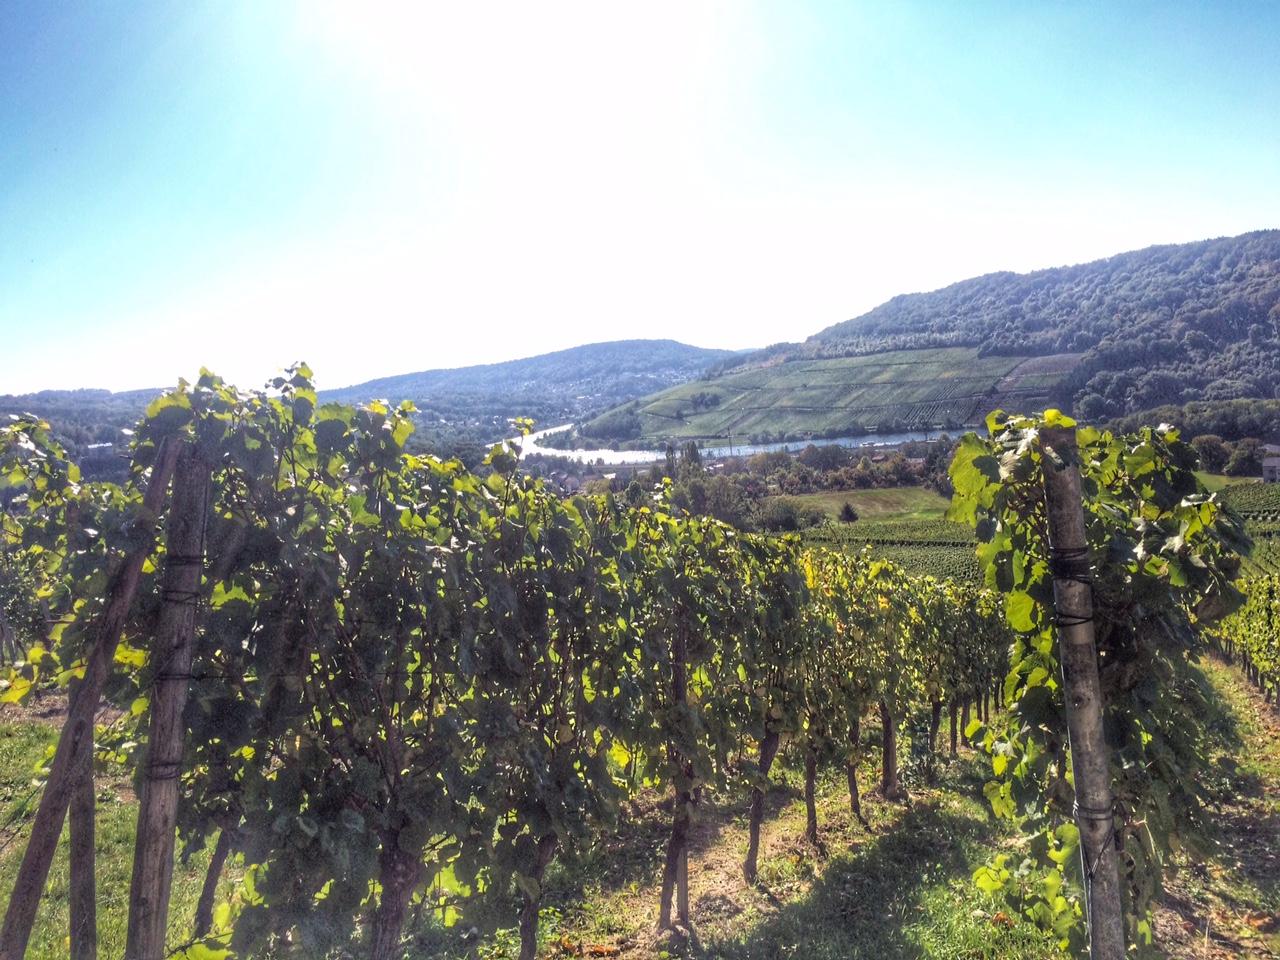 Traubenlese in den Weinbergen